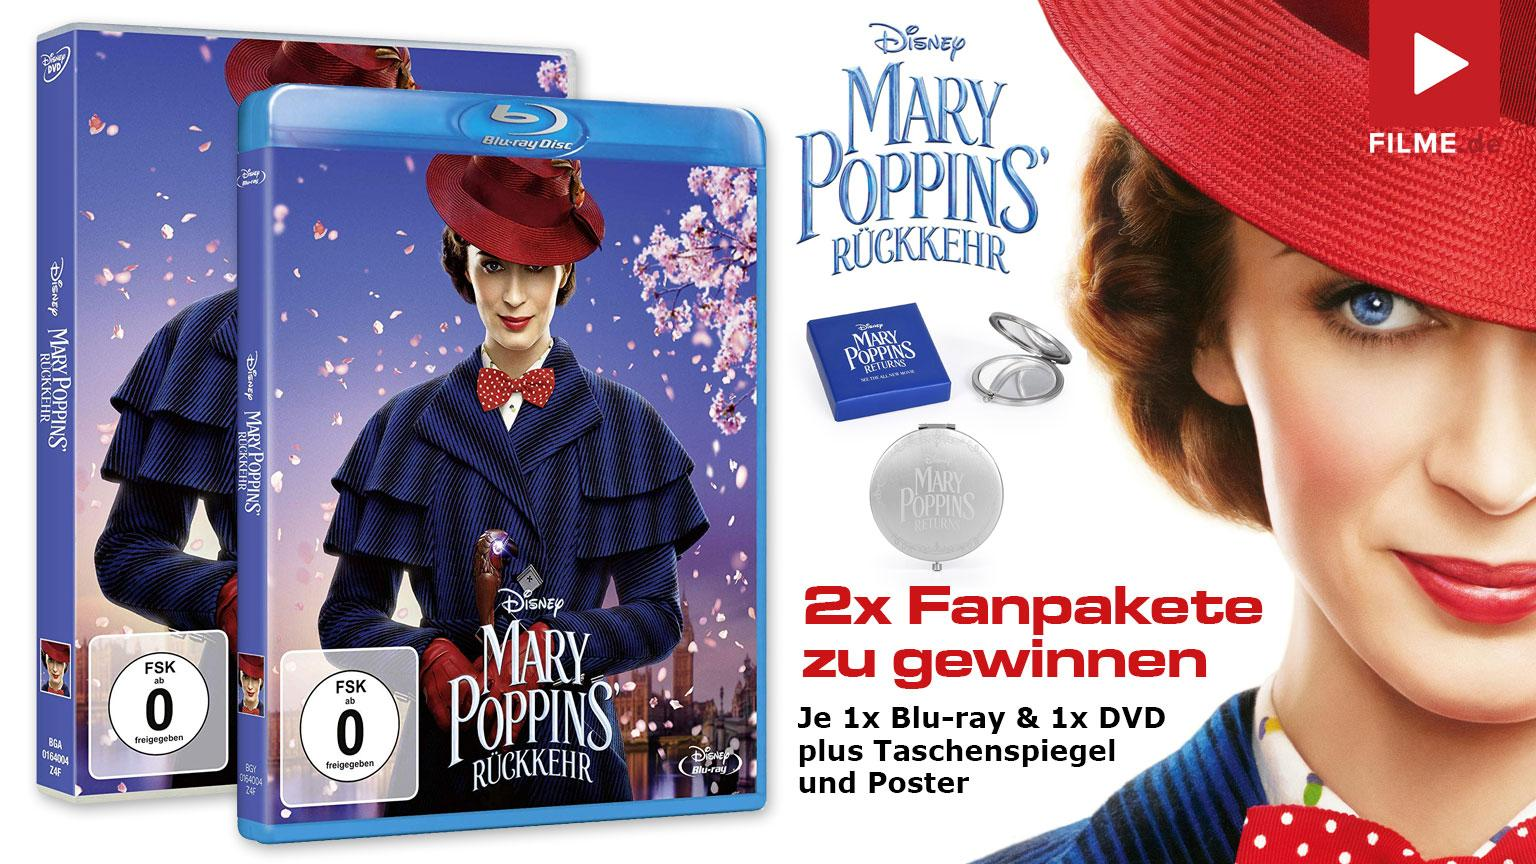 Mary Poppins Rückkehr Gewinnspiel Fanpakete Artikelbild